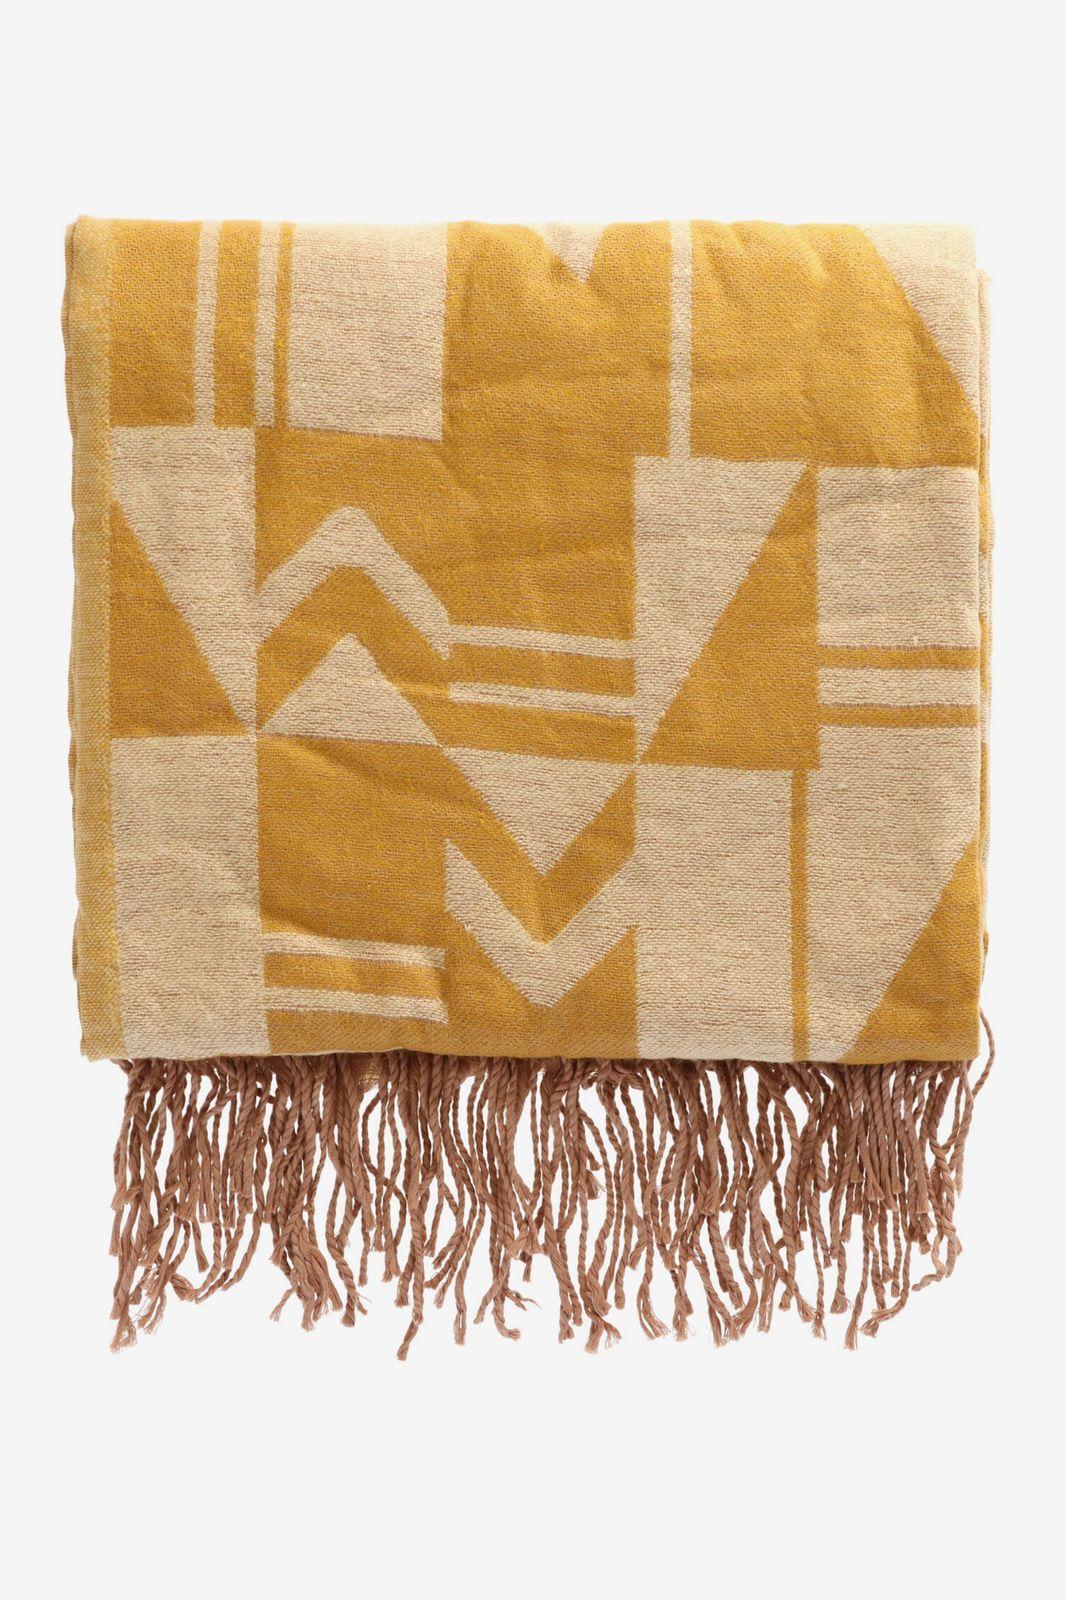 Gele deken met tegeltjes patroon - Homeland | Sissy-Boy